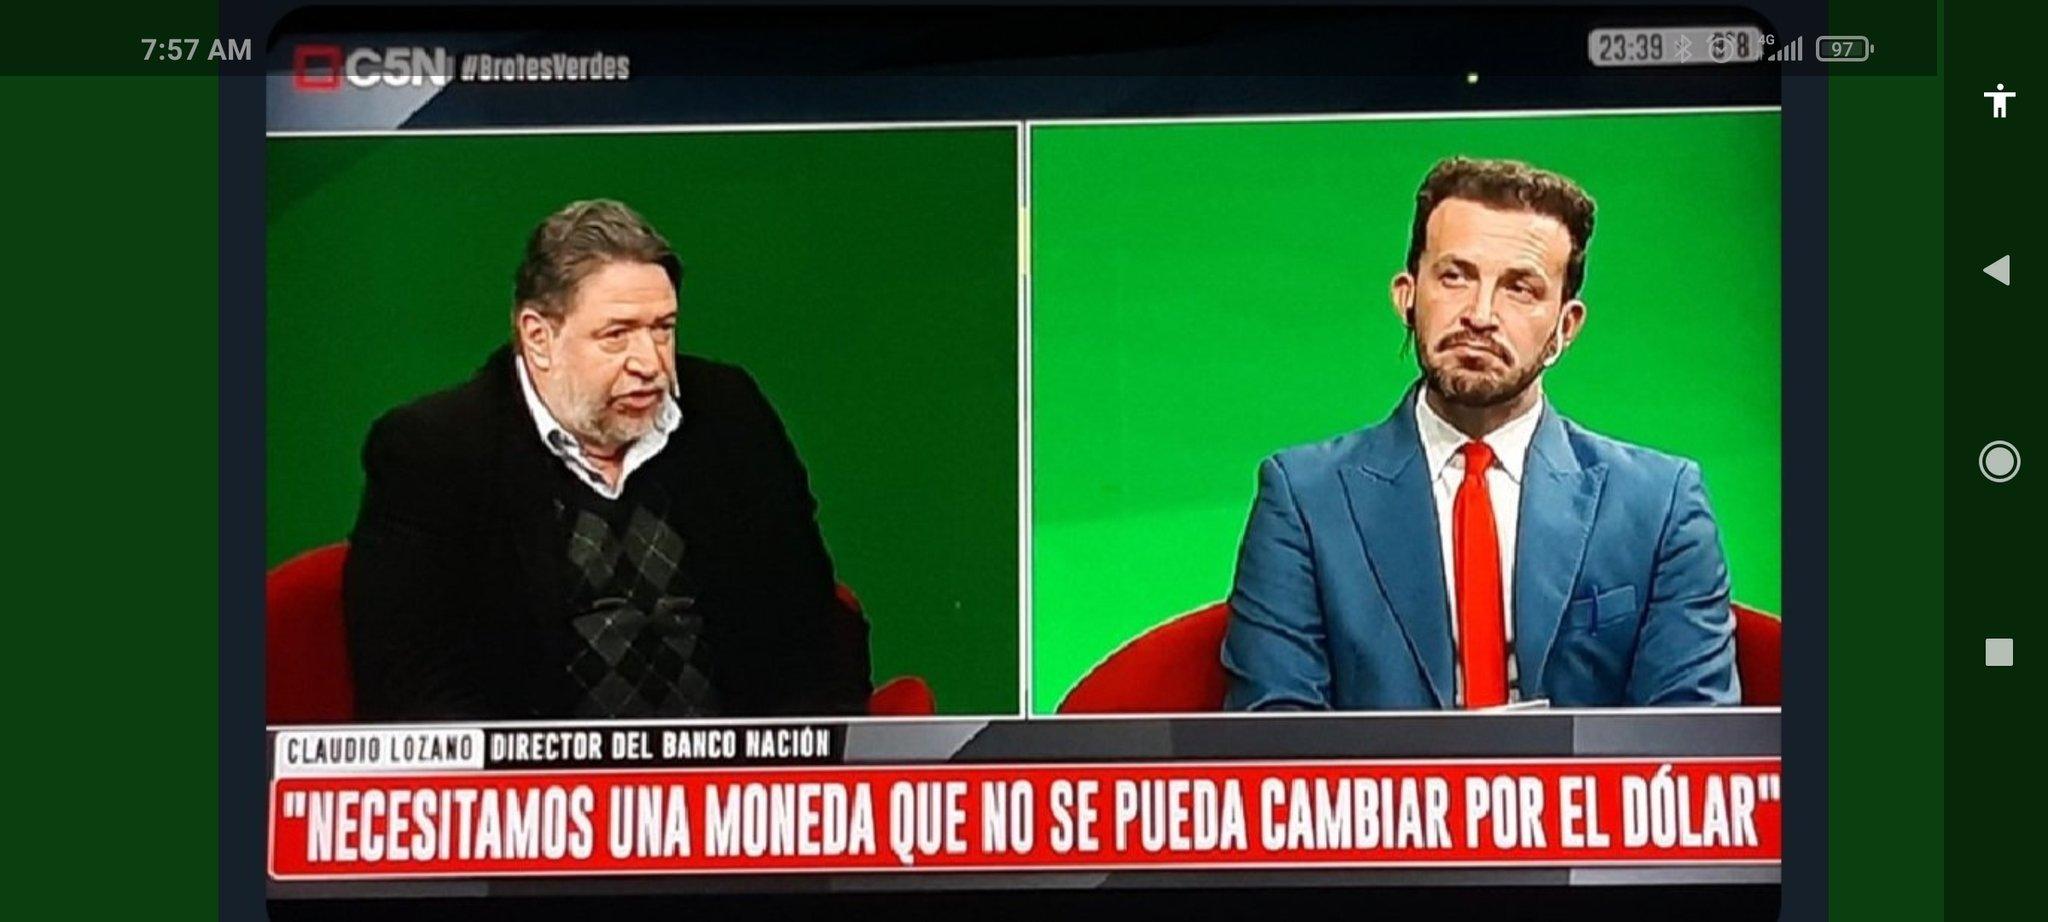 Director del Banco Nación Twitter